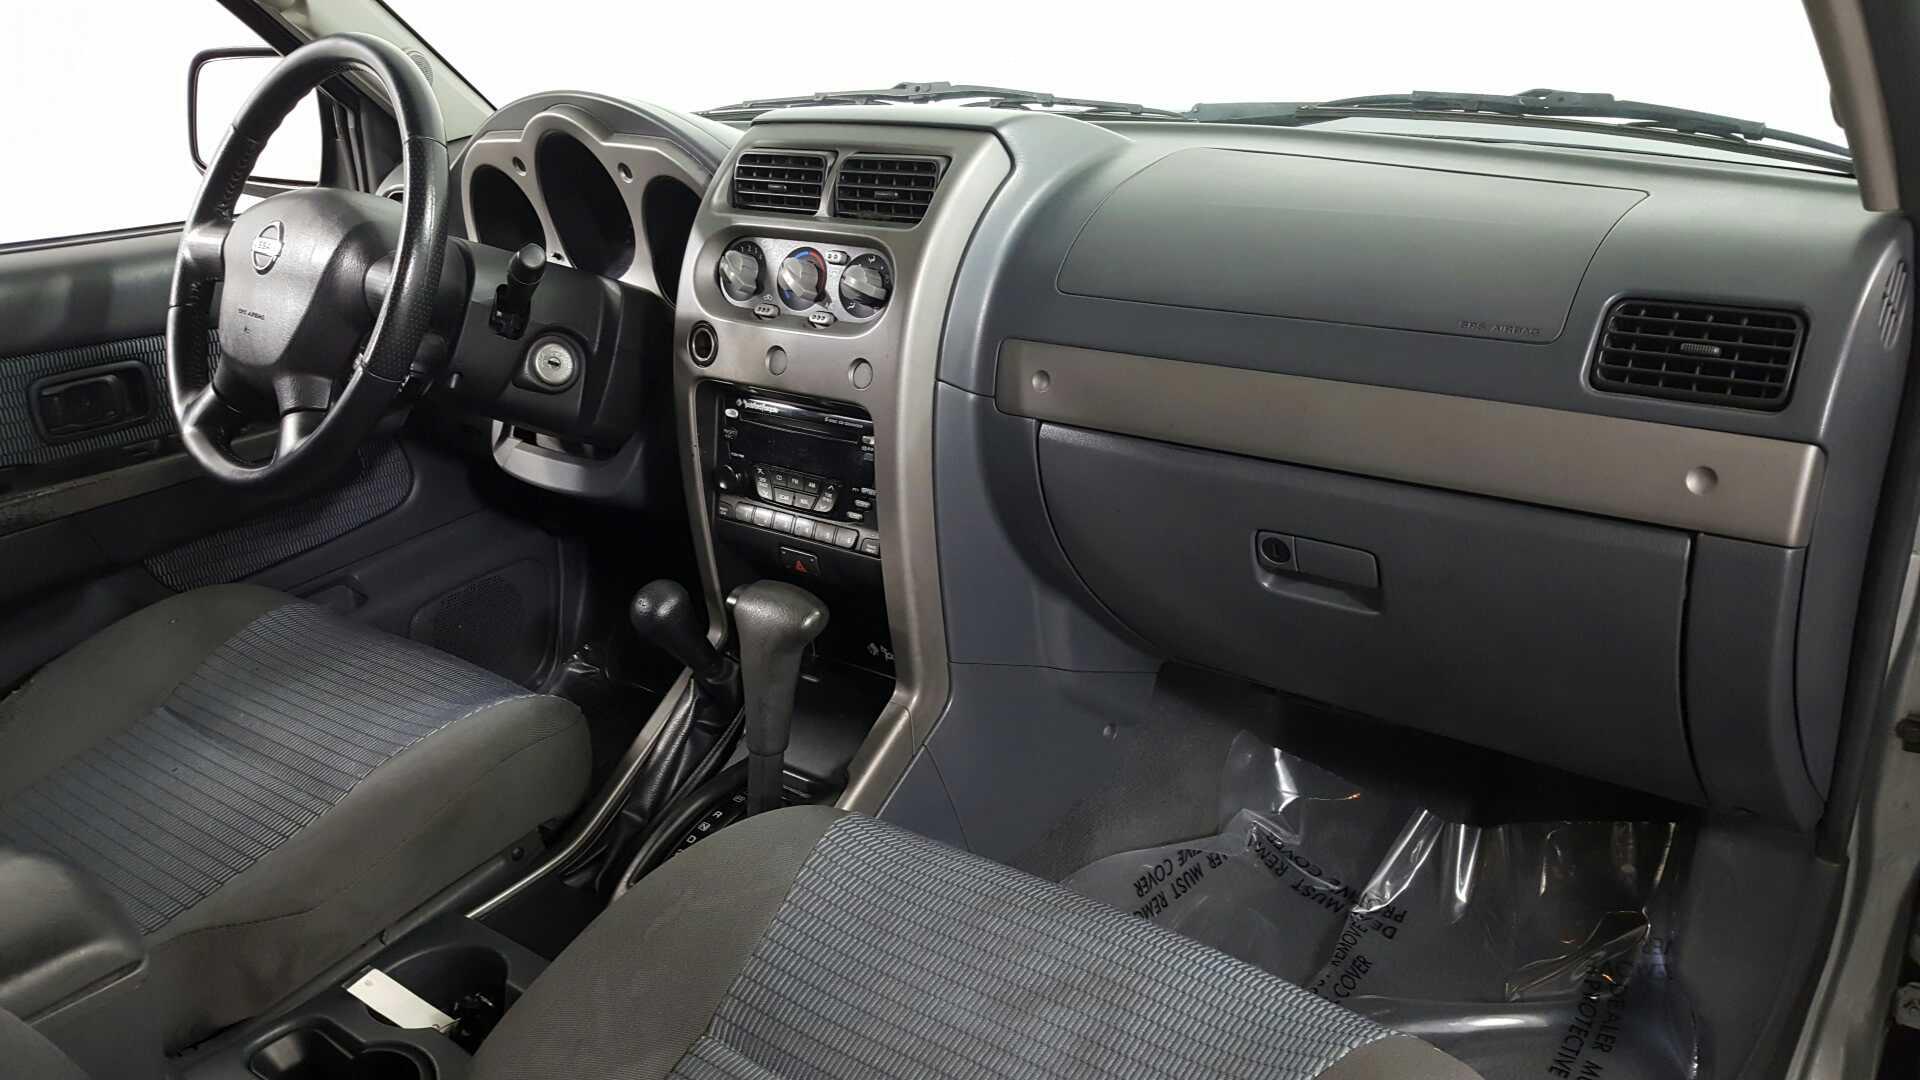 2003 Nissan Xterra SE - Jidd Motors